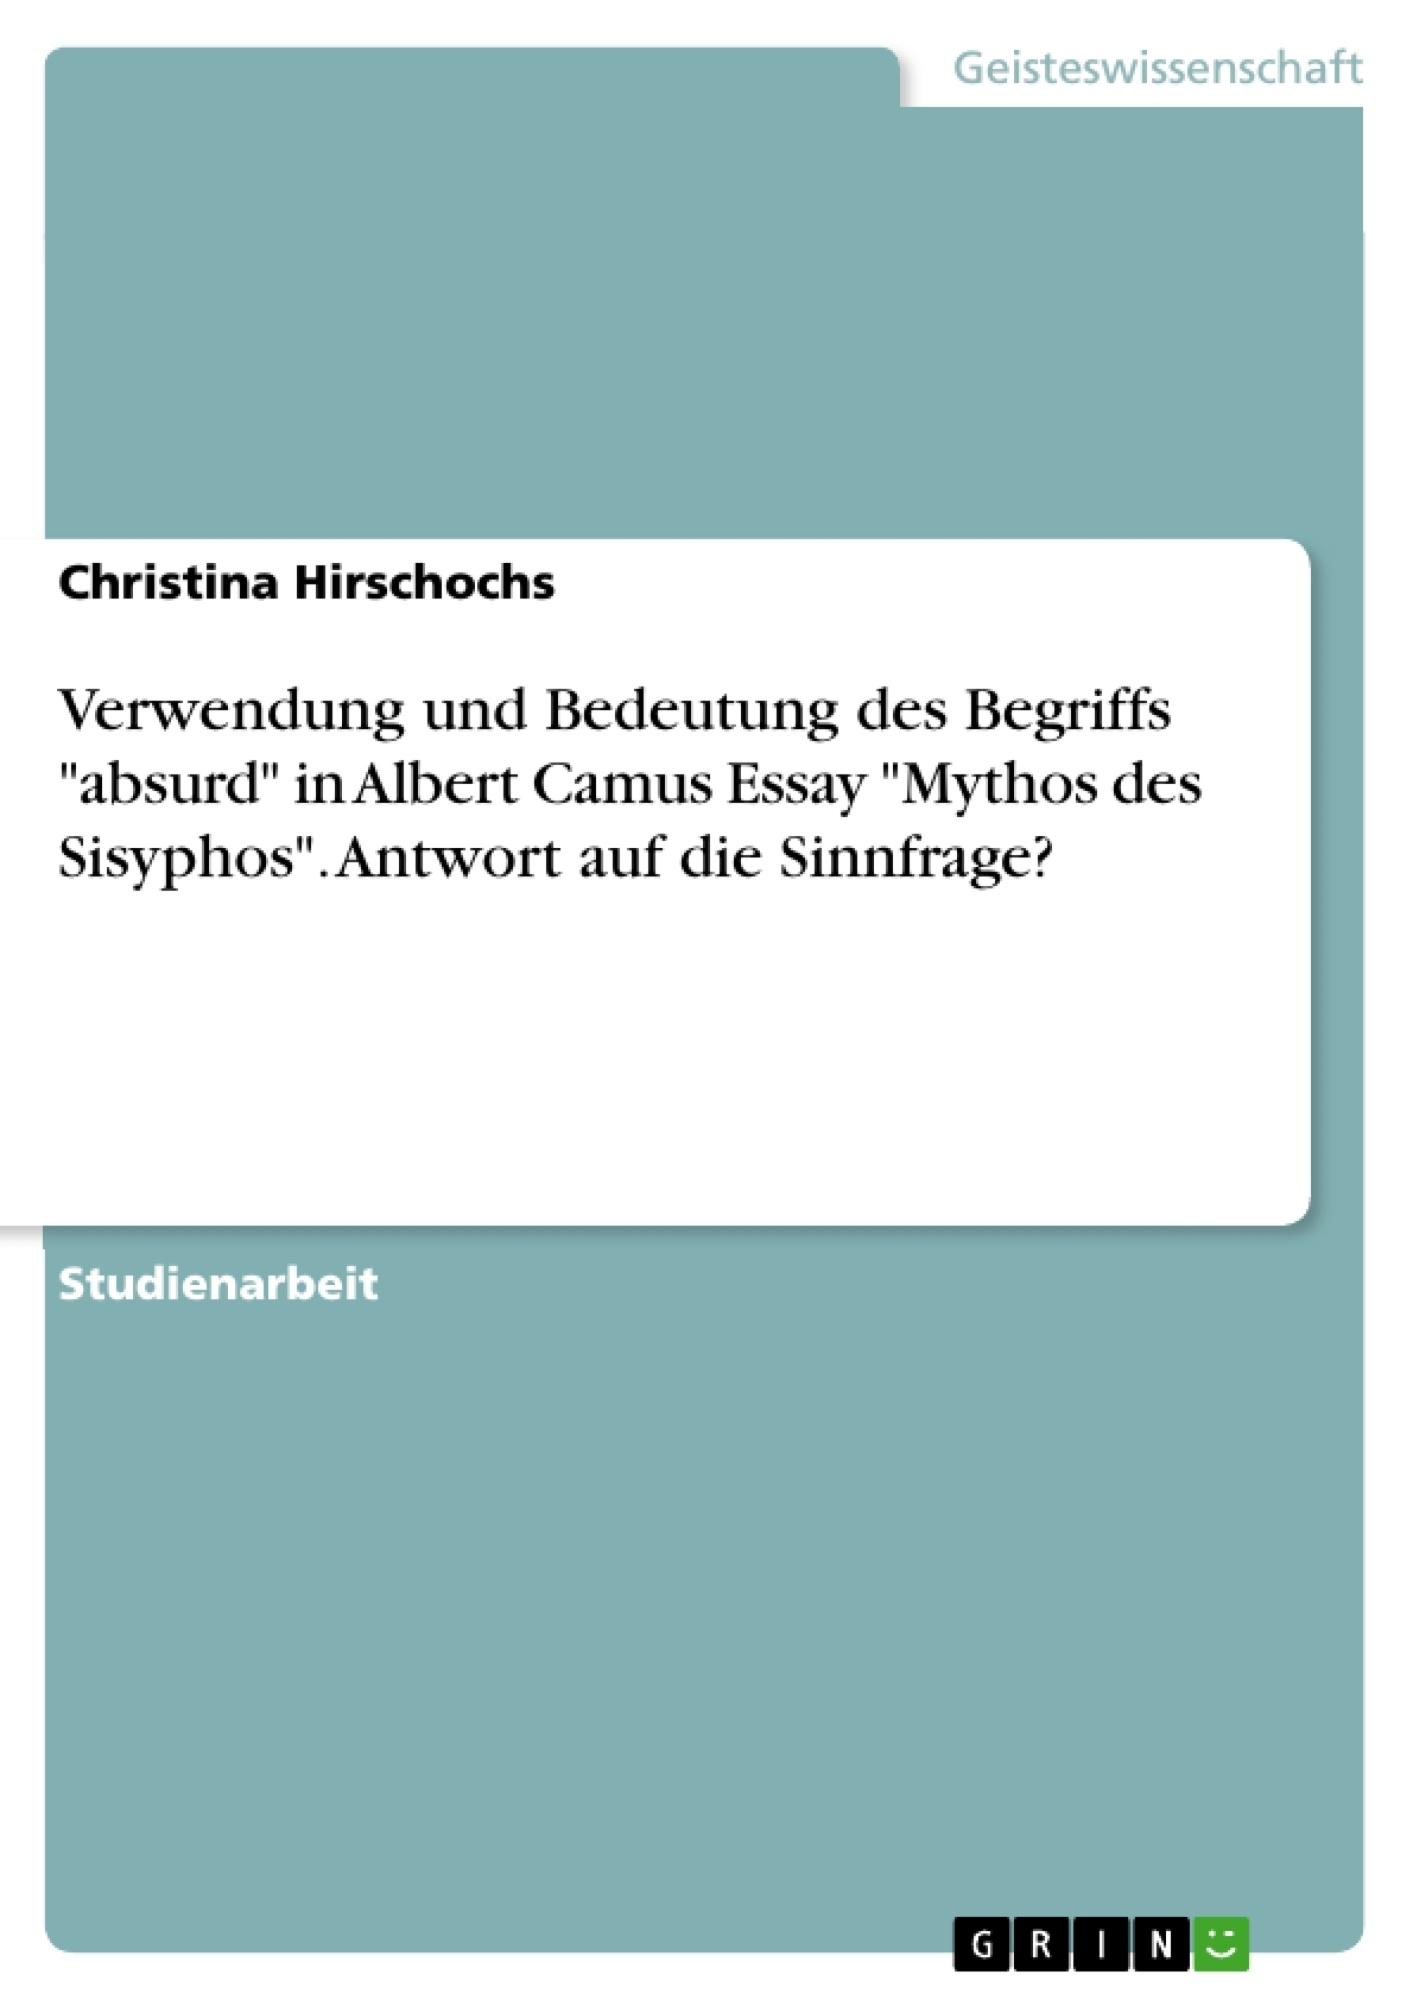 """Titel: Verwendung und Bedeutung des Begriffs """"absurd"""" in Albert Camus Essay """"Mythos des Sisyphos"""". Antwort auf die Sinnfrage?"""